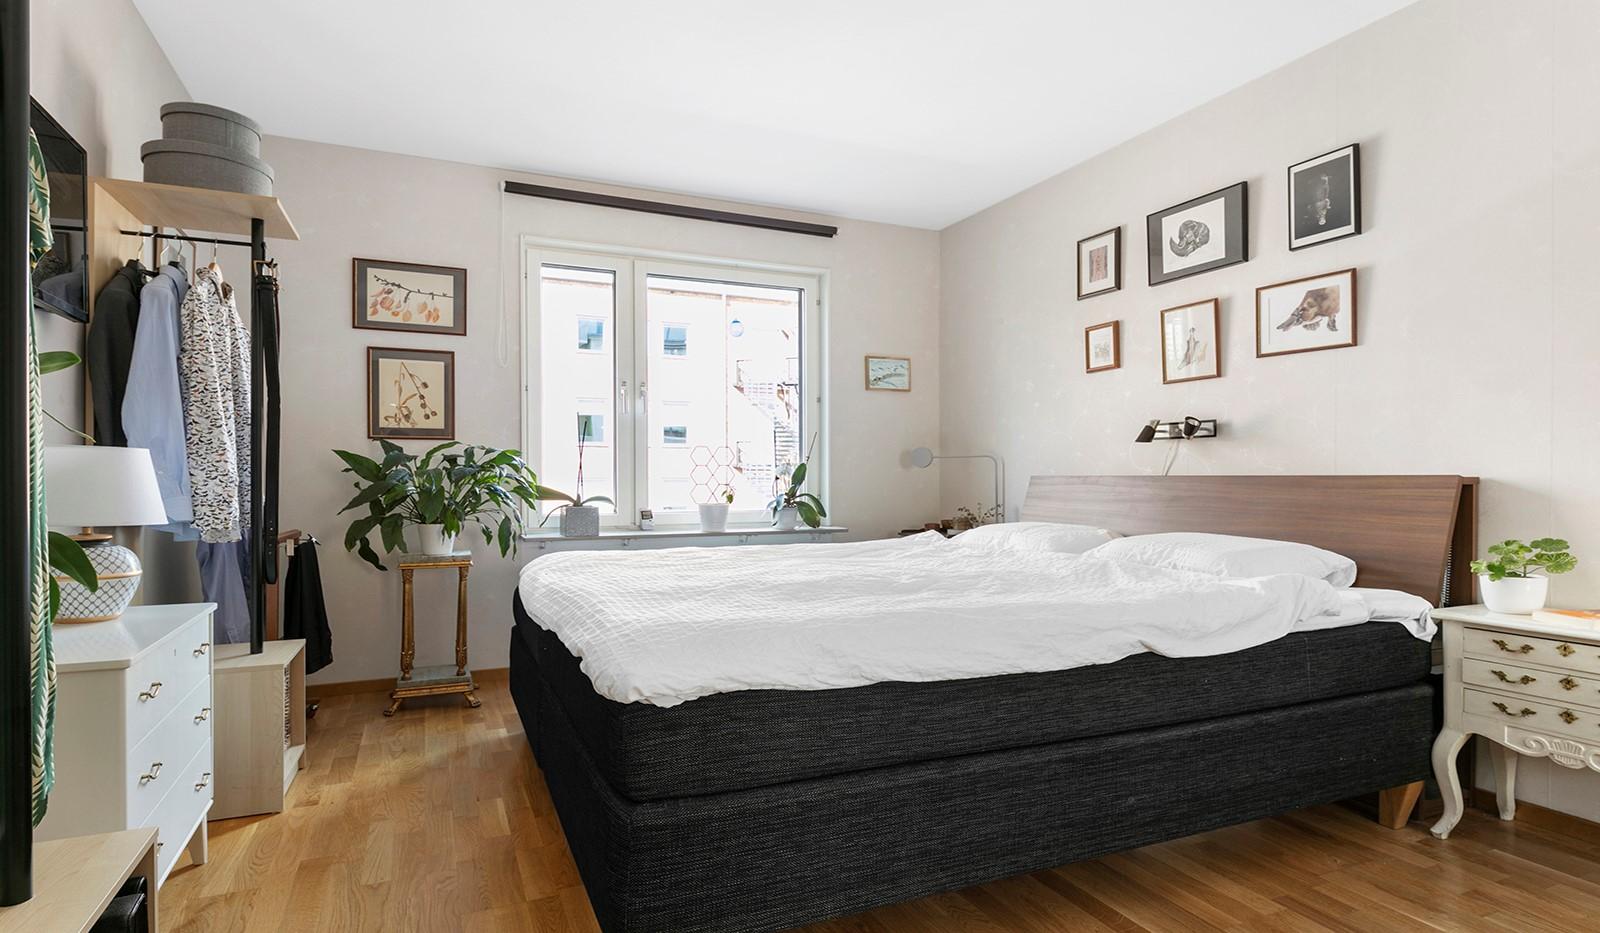 Marieviksgatan 44, 2 tr - Rymligt sovrum med plats för dubbelsäng